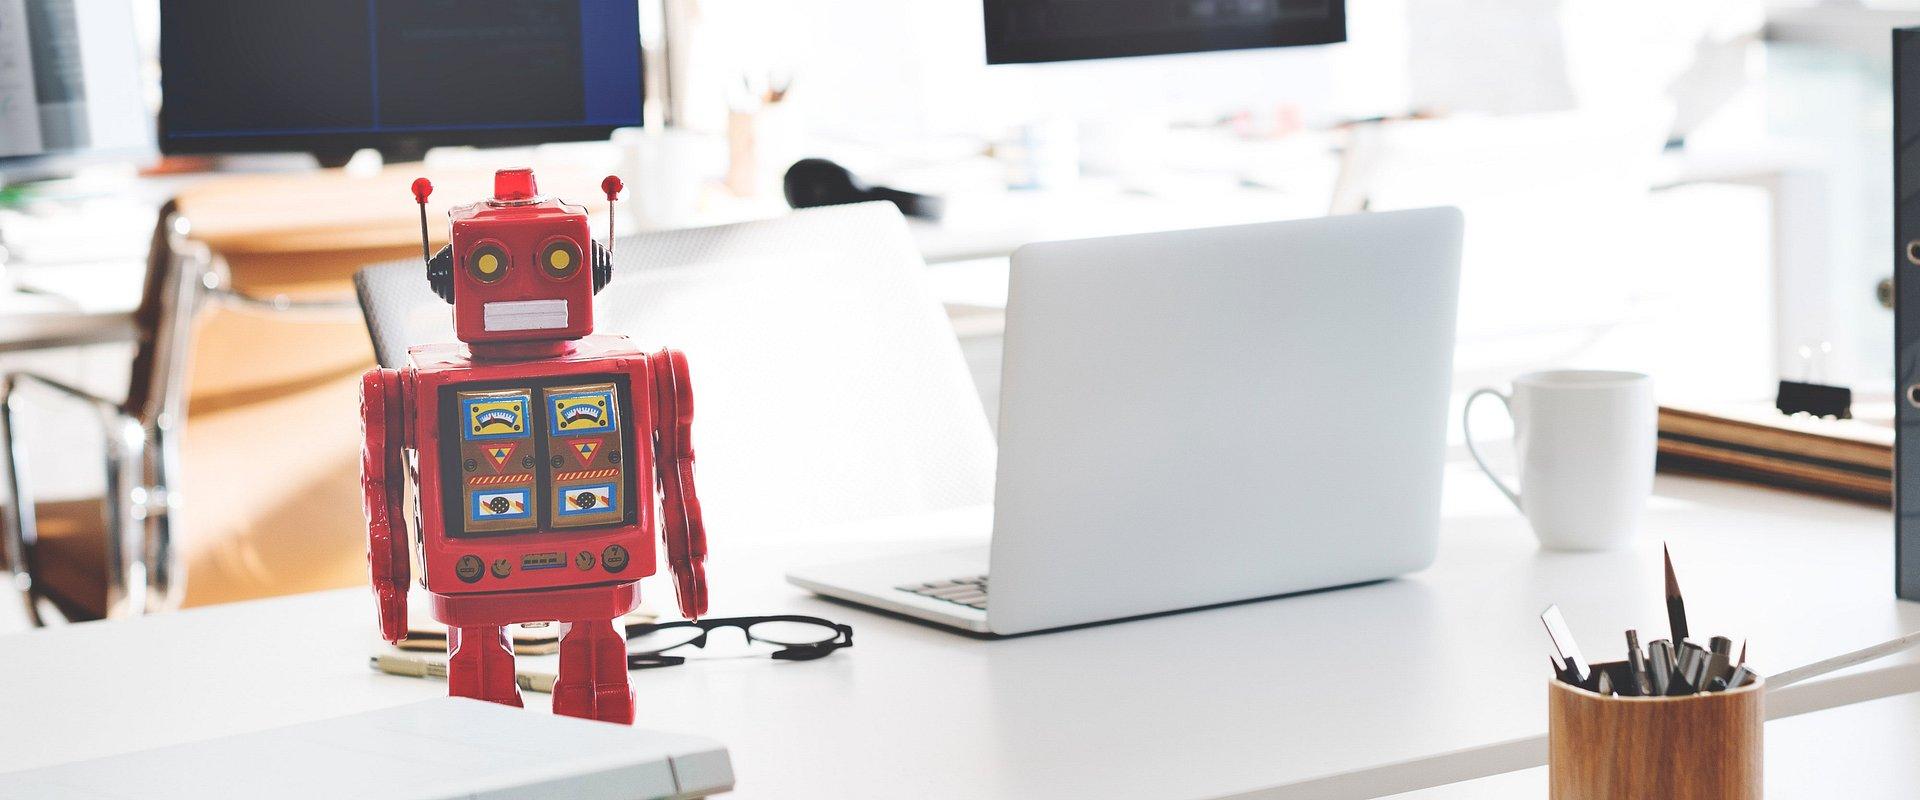 Firmy zwlekają z automatyzacją: tylko 16% z nich wdrożyło projekty automatyzacji dla wielu zastosowań i na dużą skalę